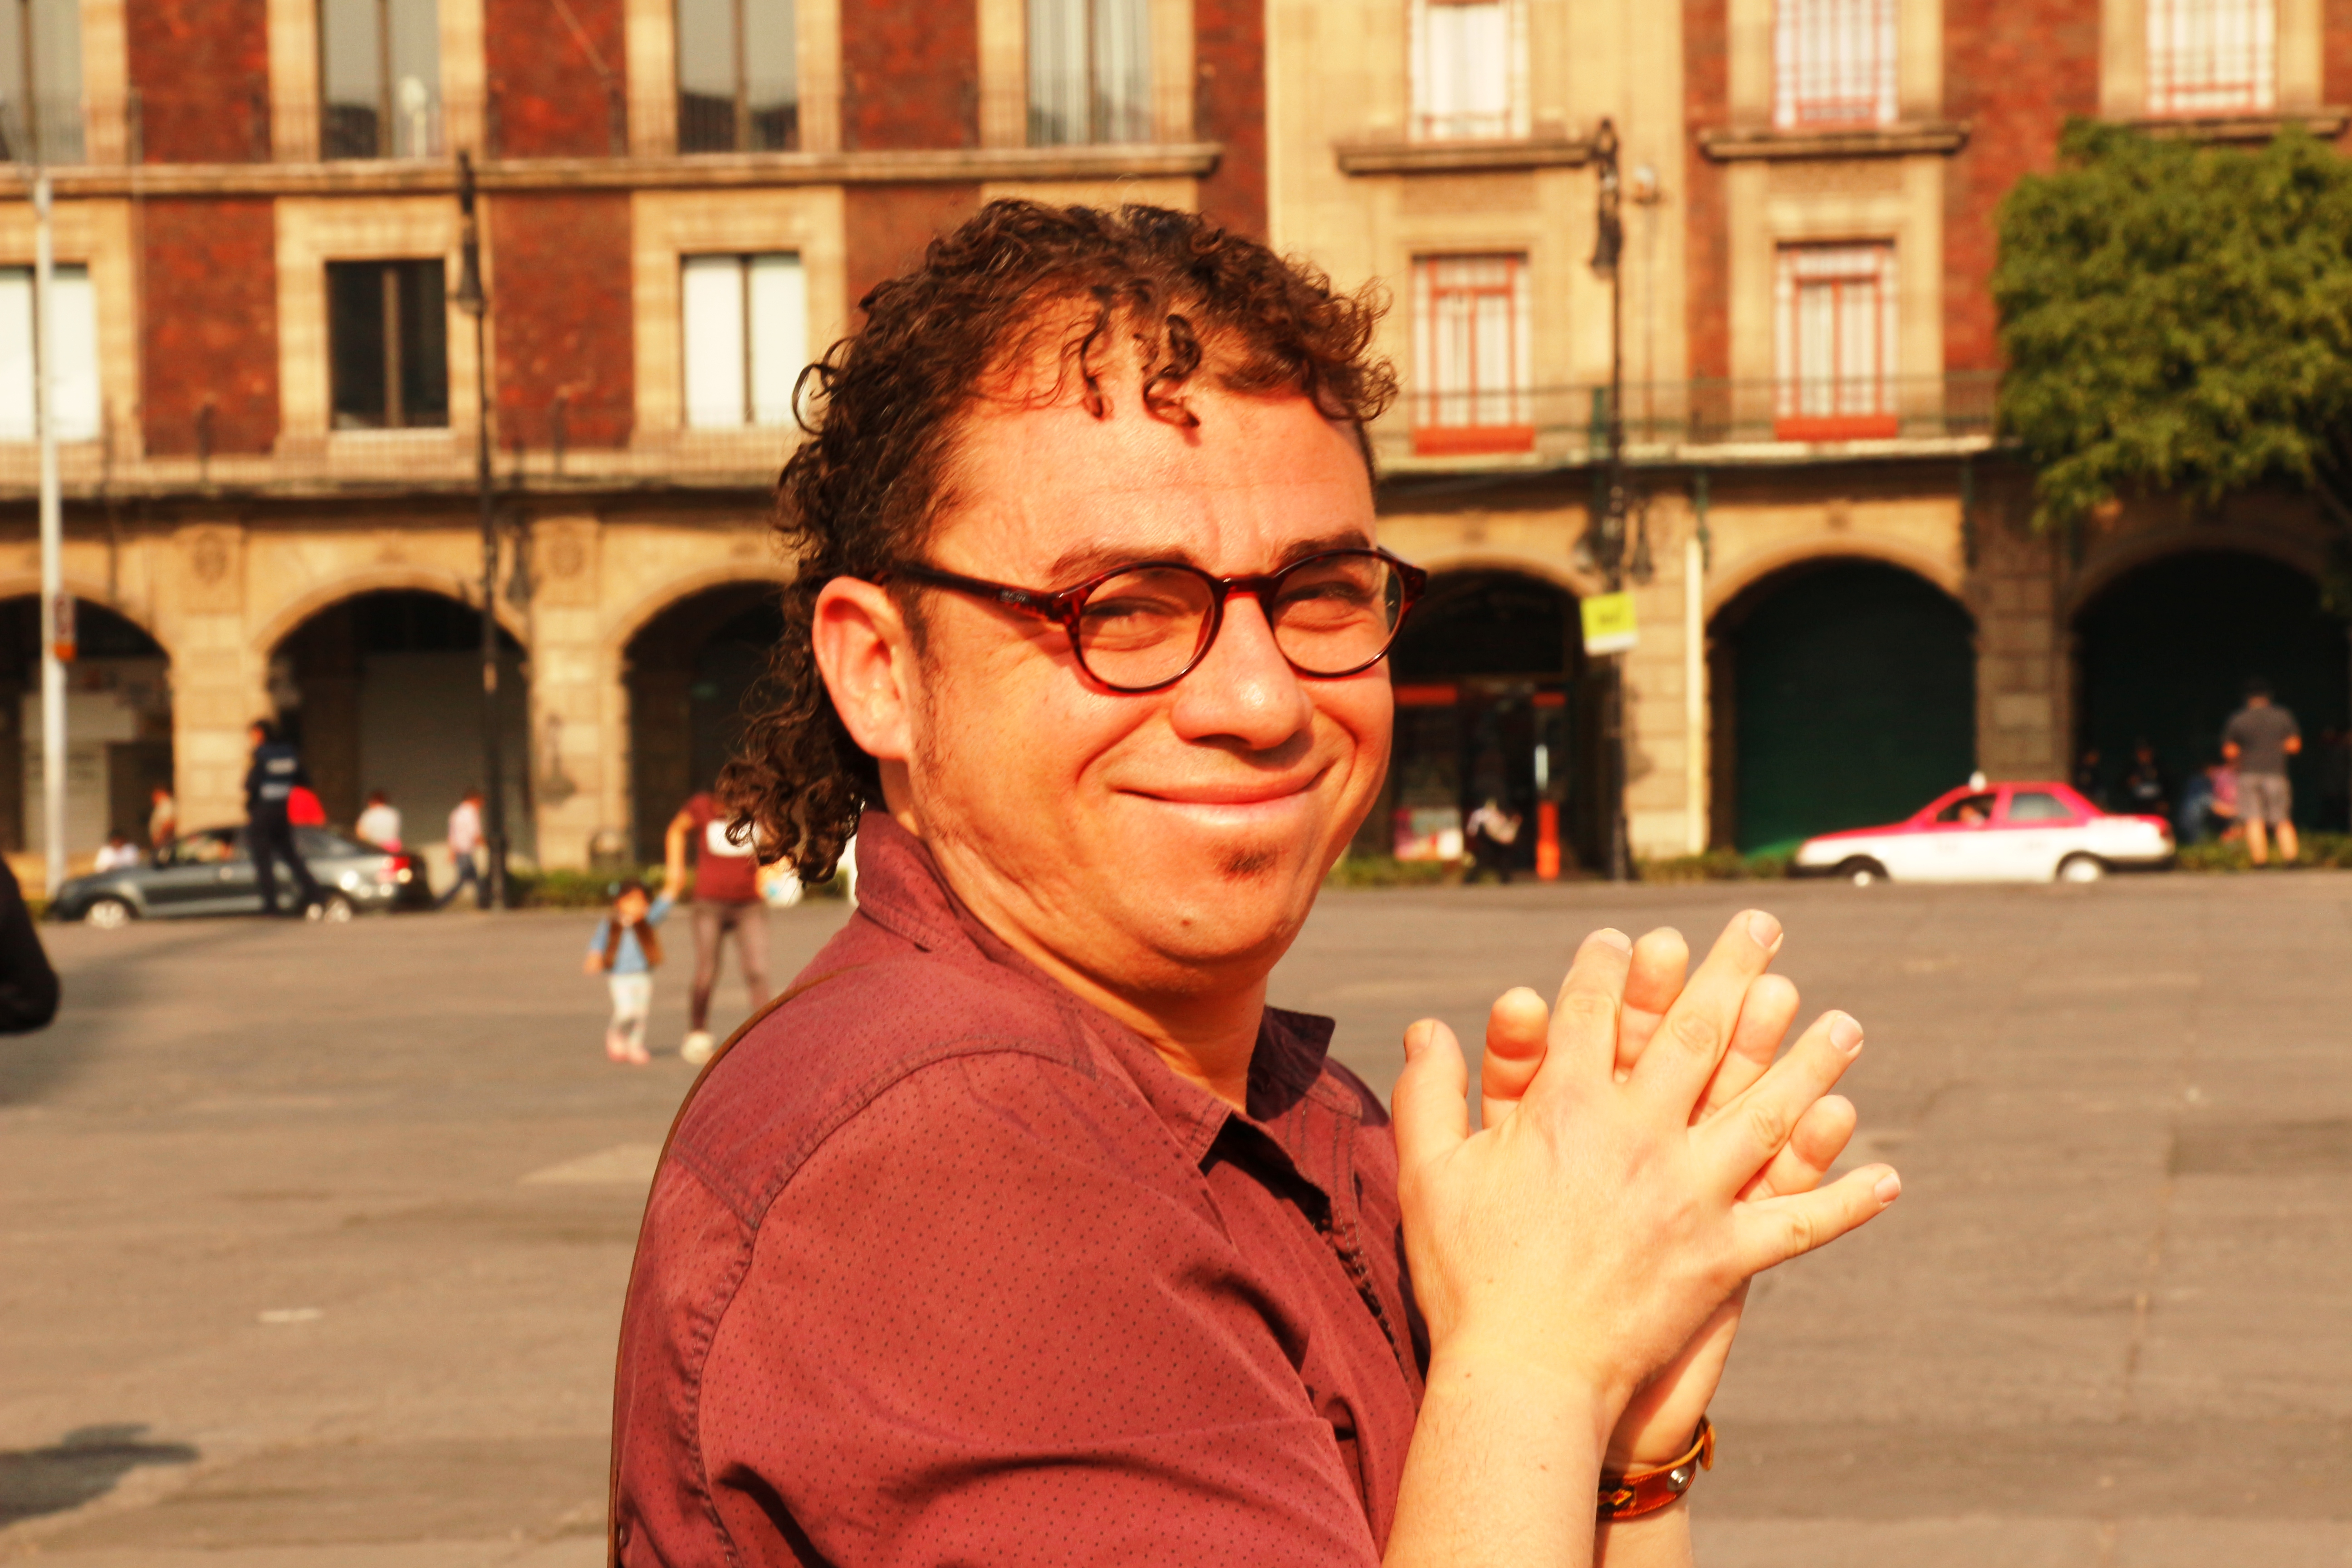 El poeta canario Samir Delgado invitado en el Festival Internacional Kerouac de Ciudad de México